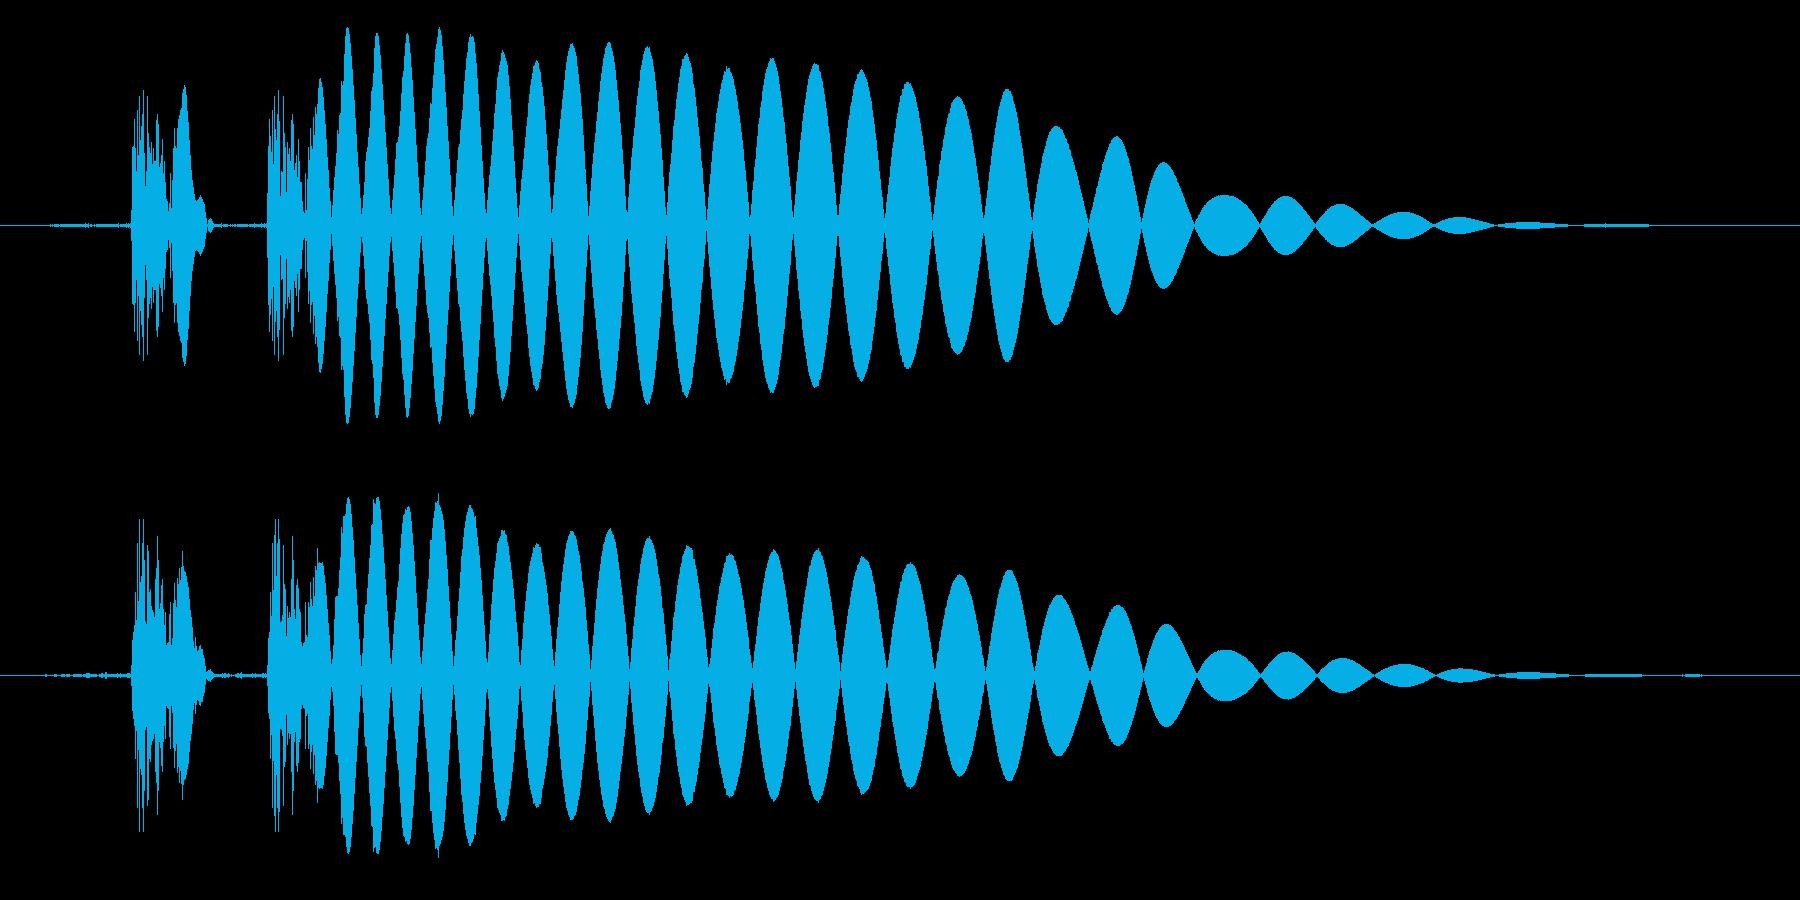 EDM/IDM系の埋もれないバスドラ5cの再生済みの波形